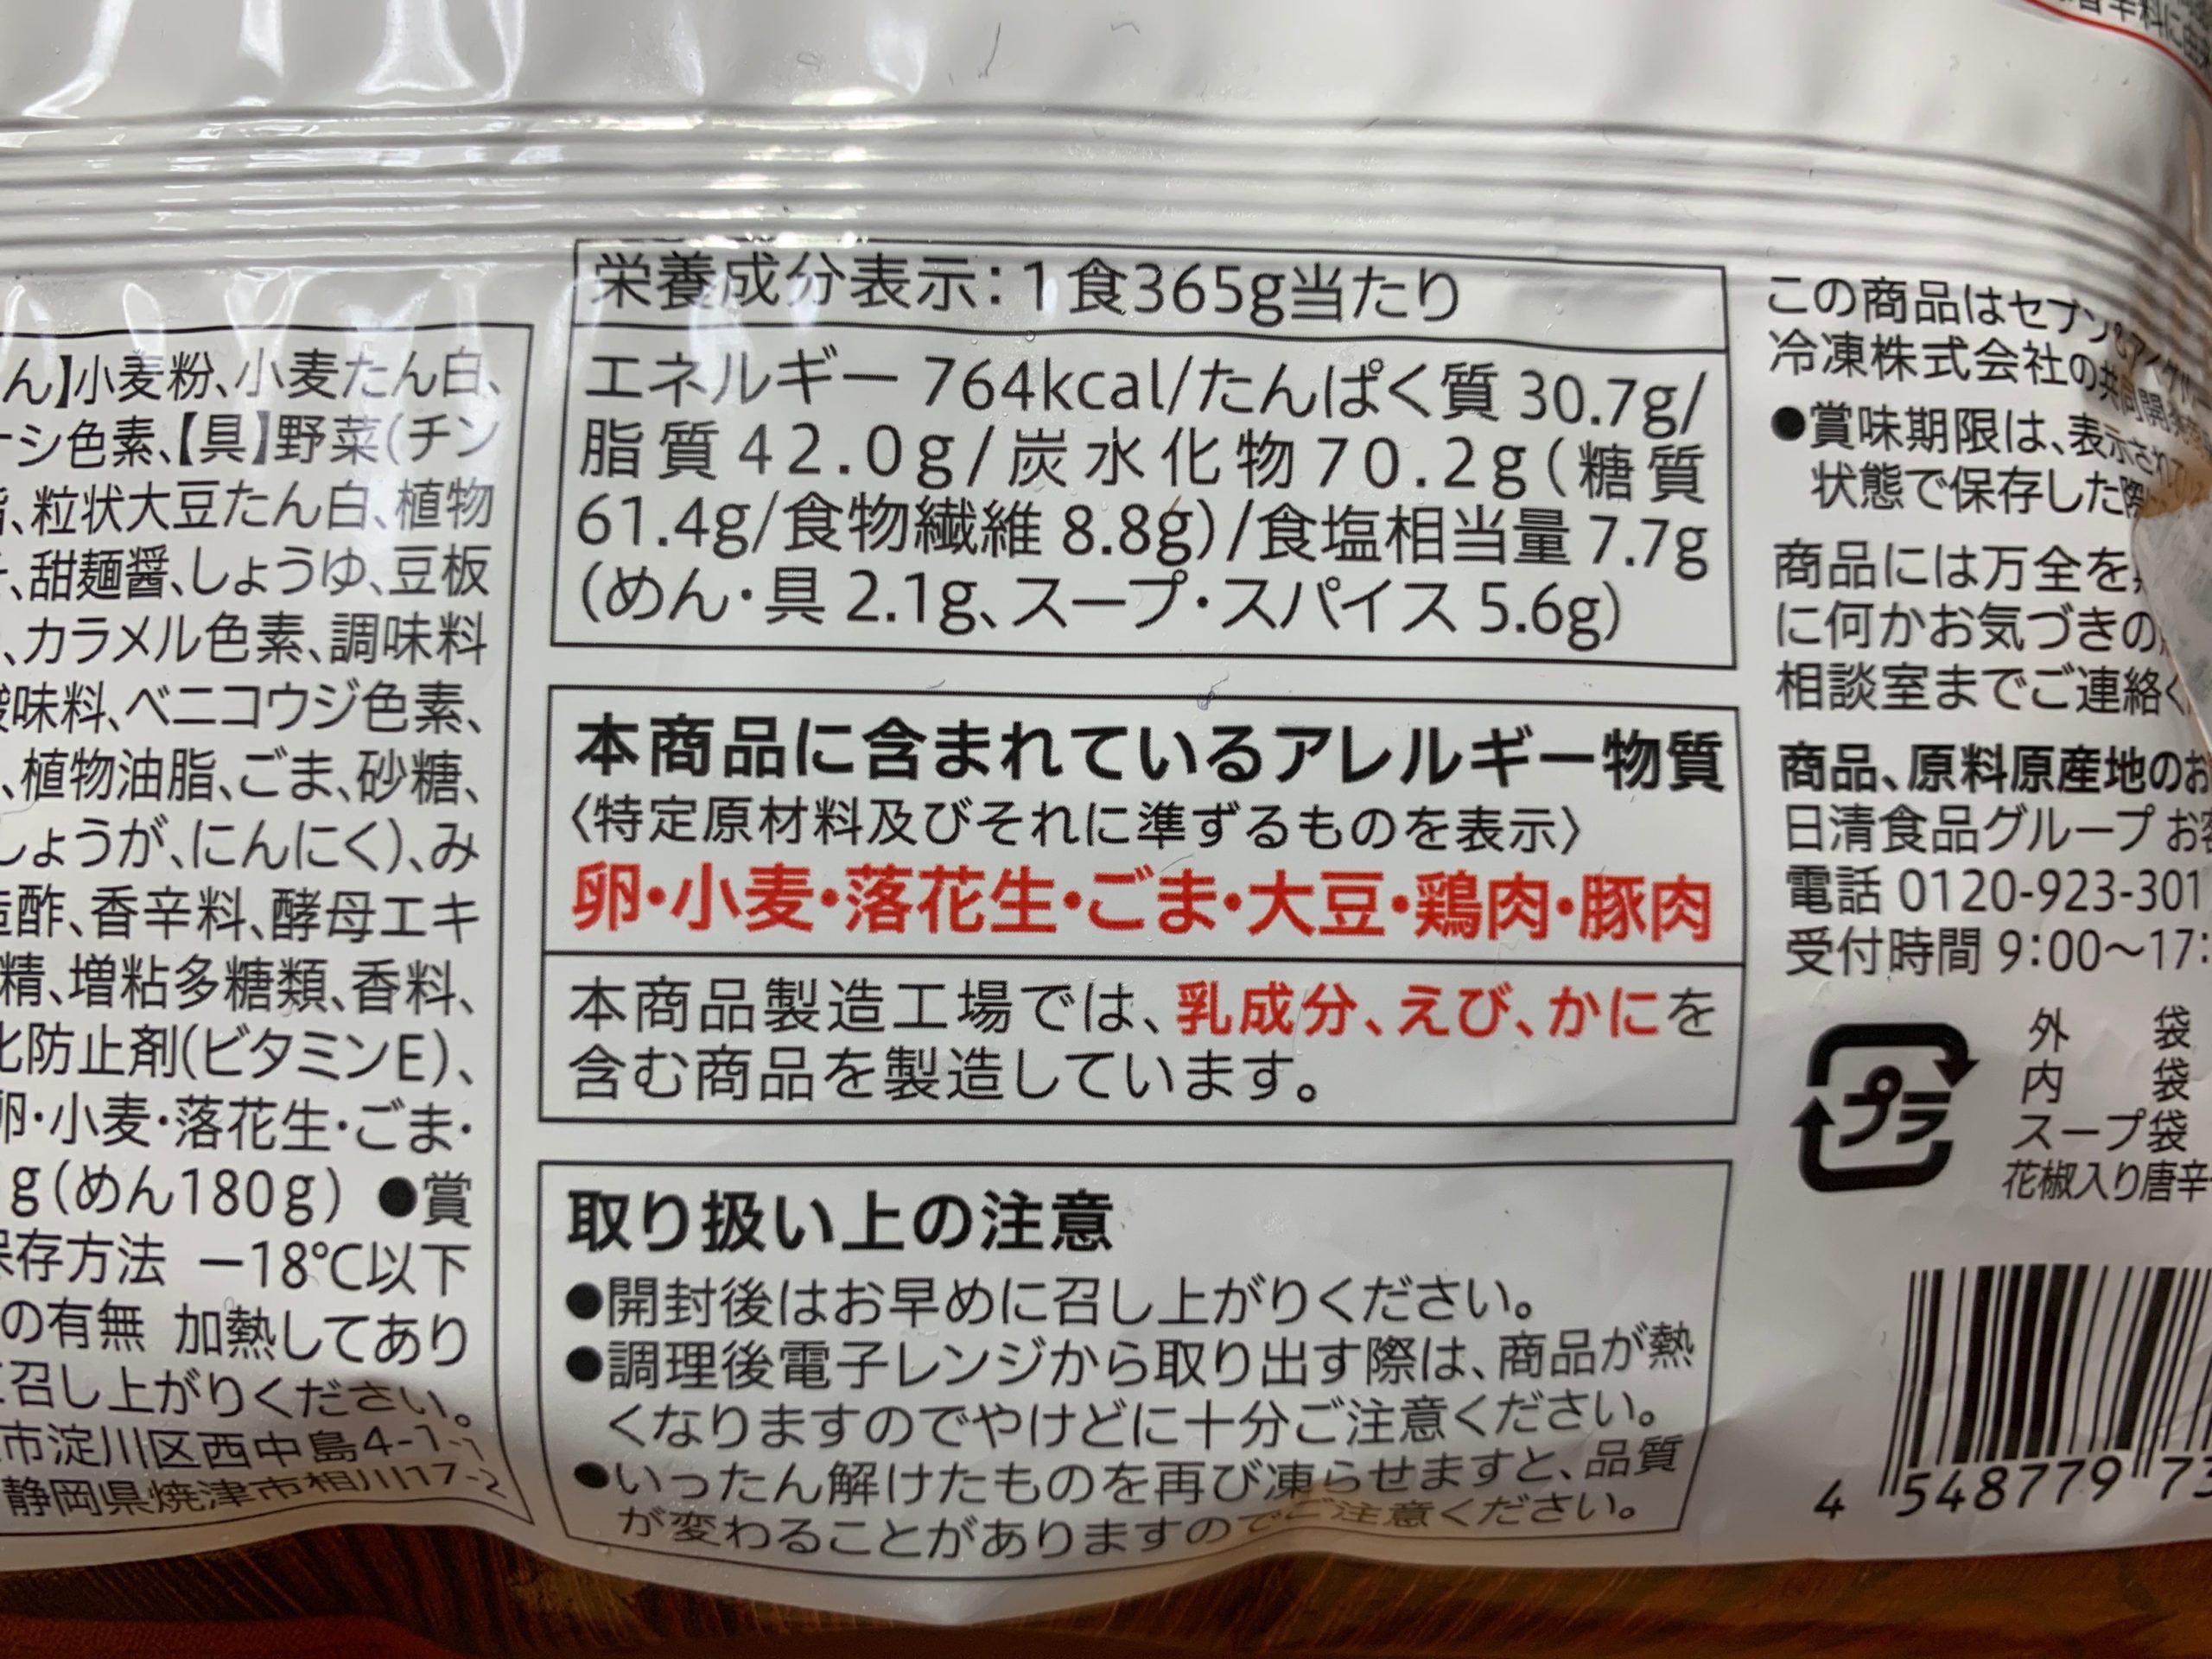 胡麻が濃厚な坦々麺の栄養成分